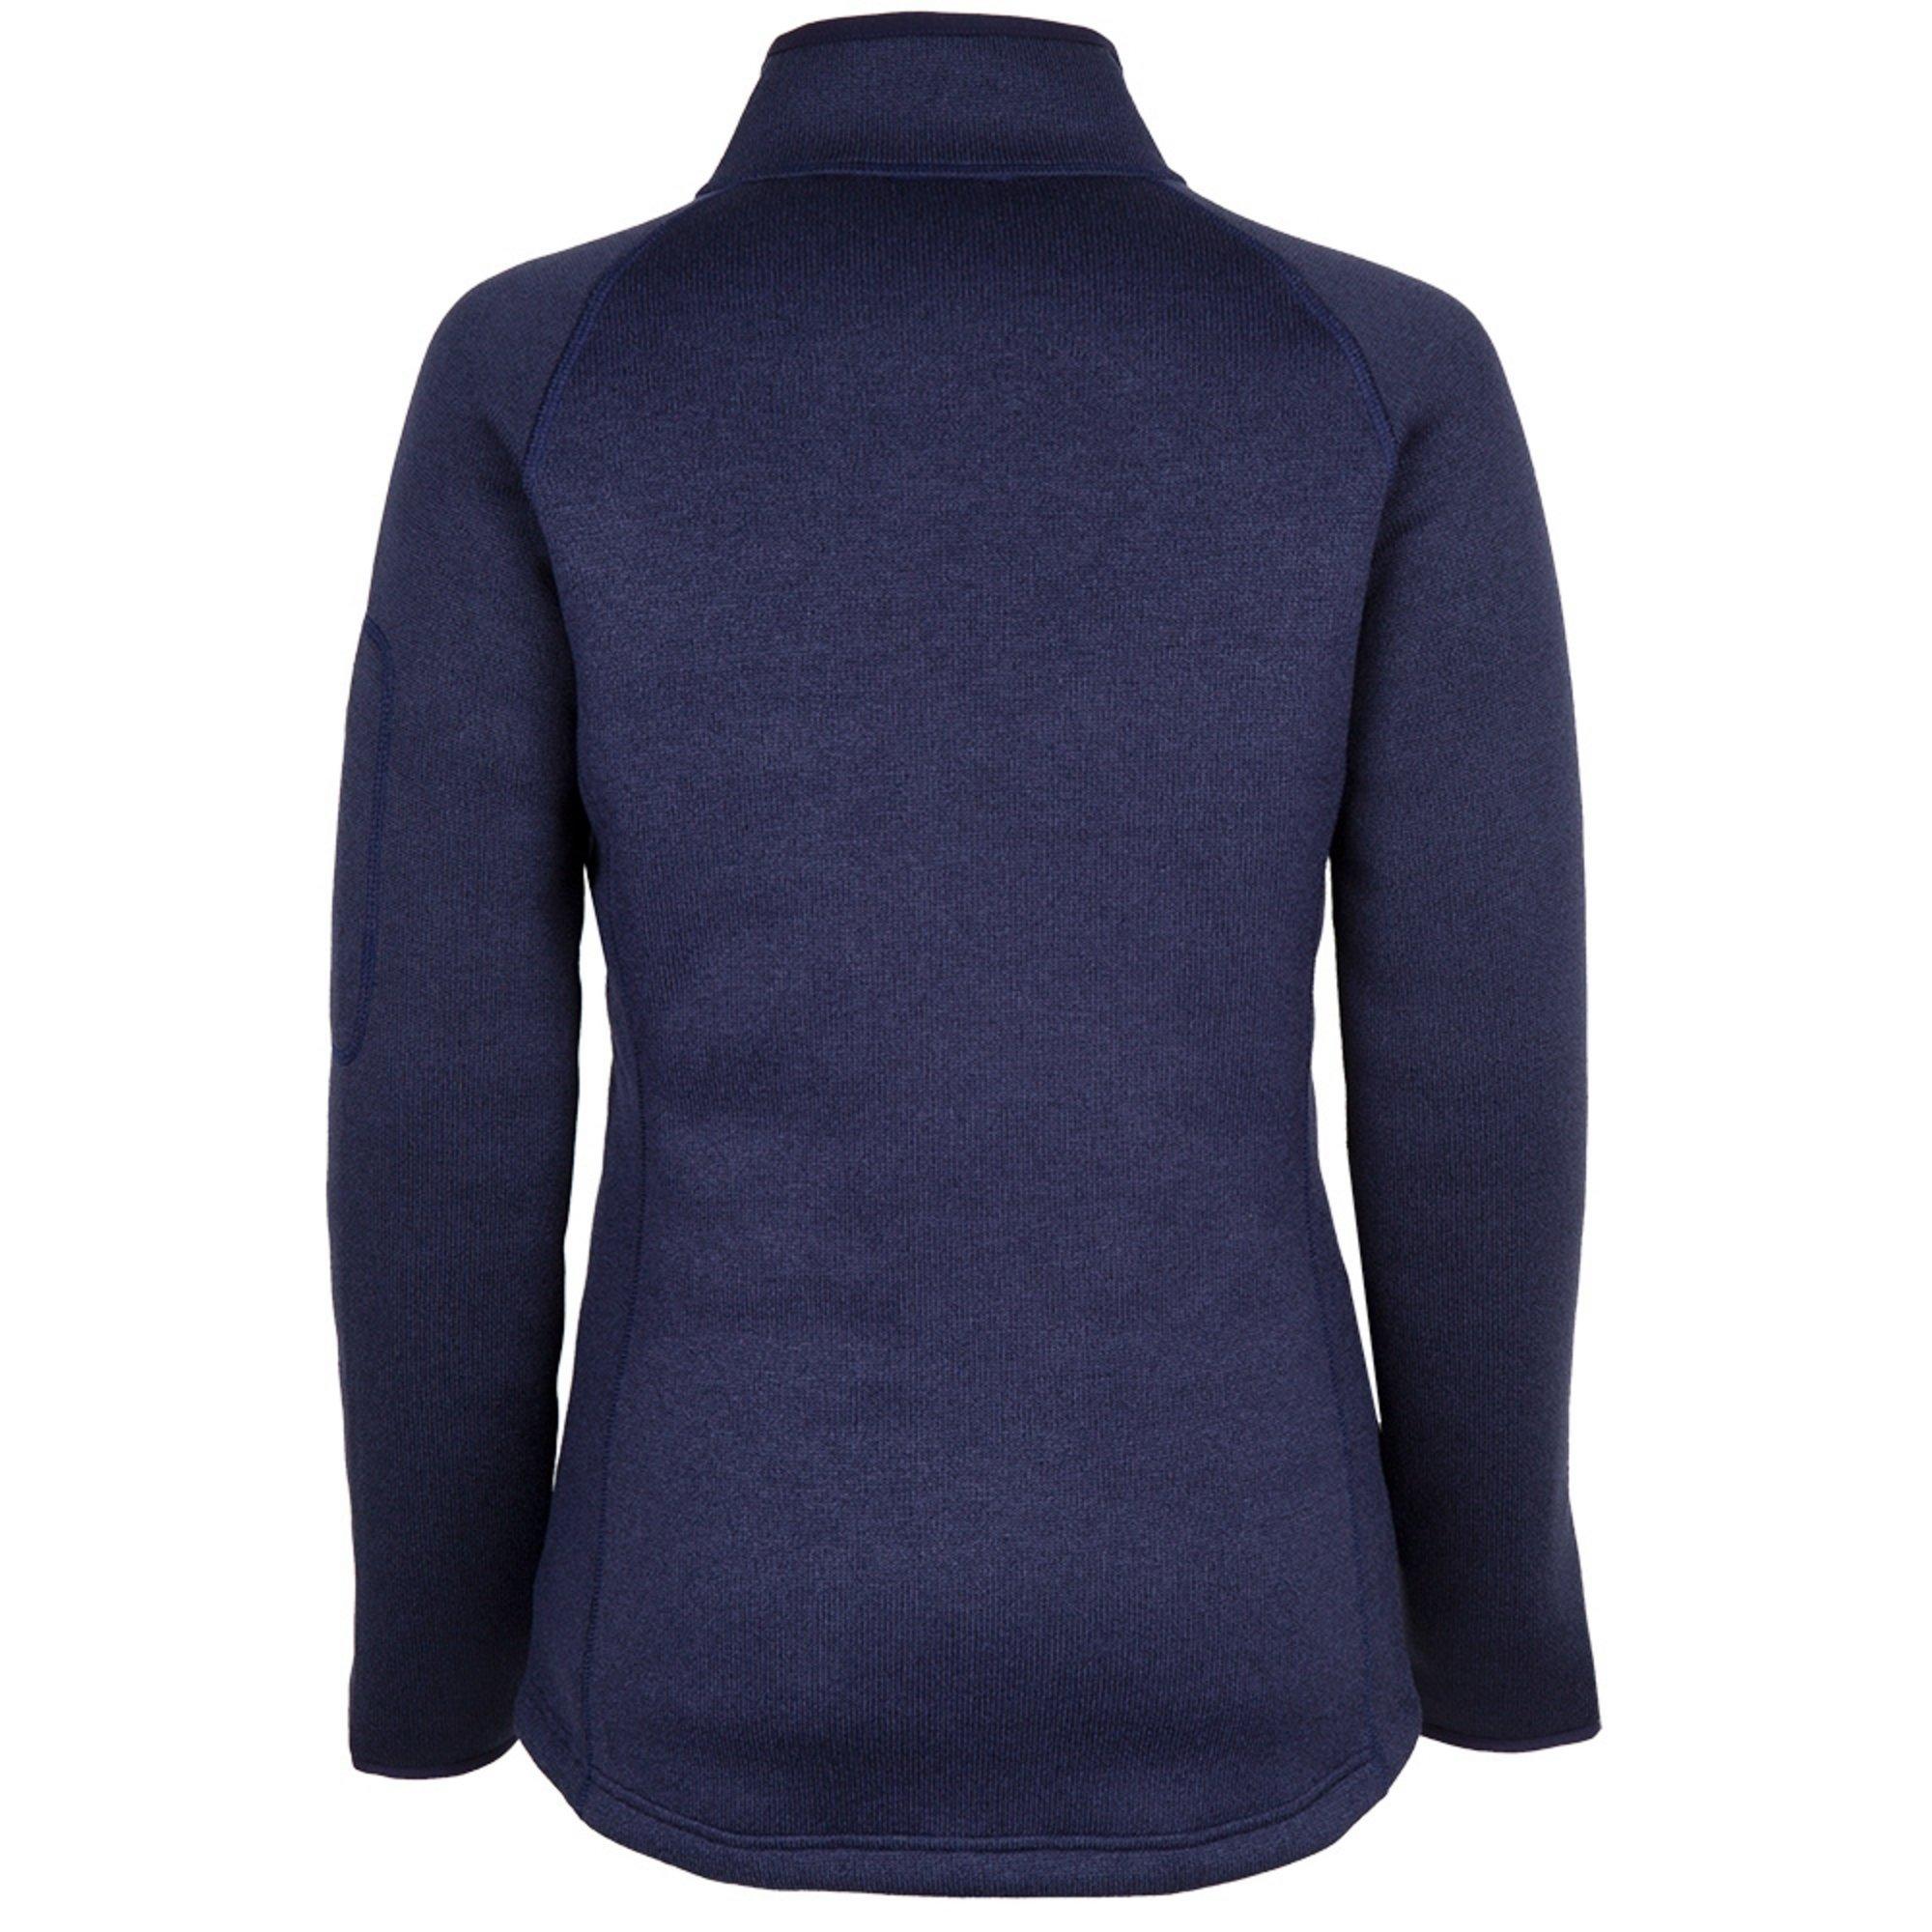 Women's Knit Fleece Jacket - 1493W-NAV06-3.jpg